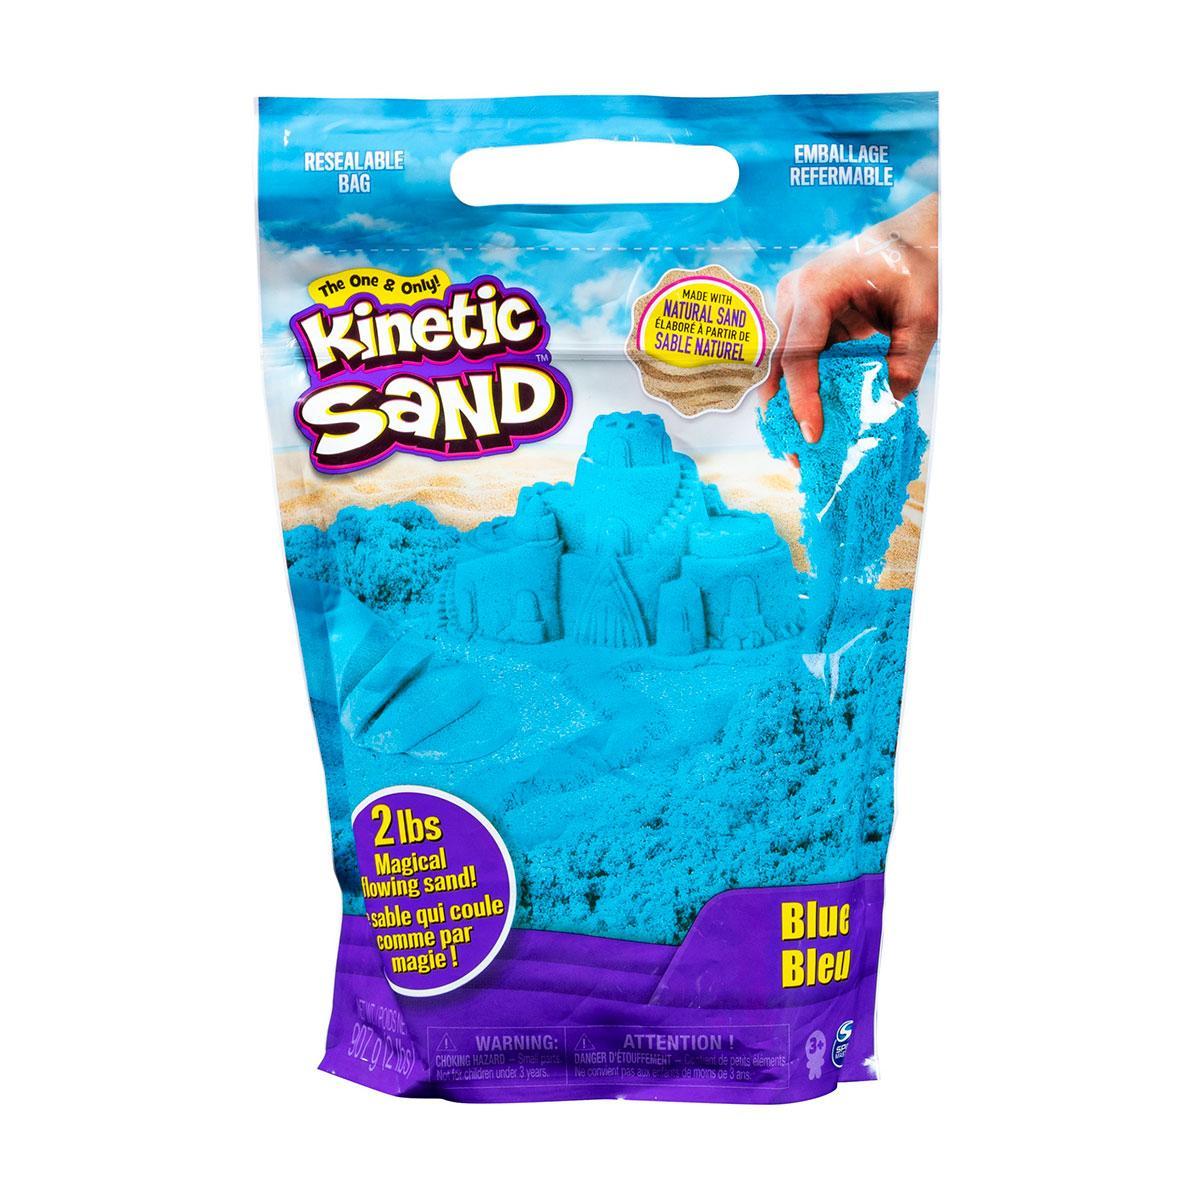 Песок Для Детского Творчества - COLOUR (синий, 907 g) Kinetic Sand 71453B